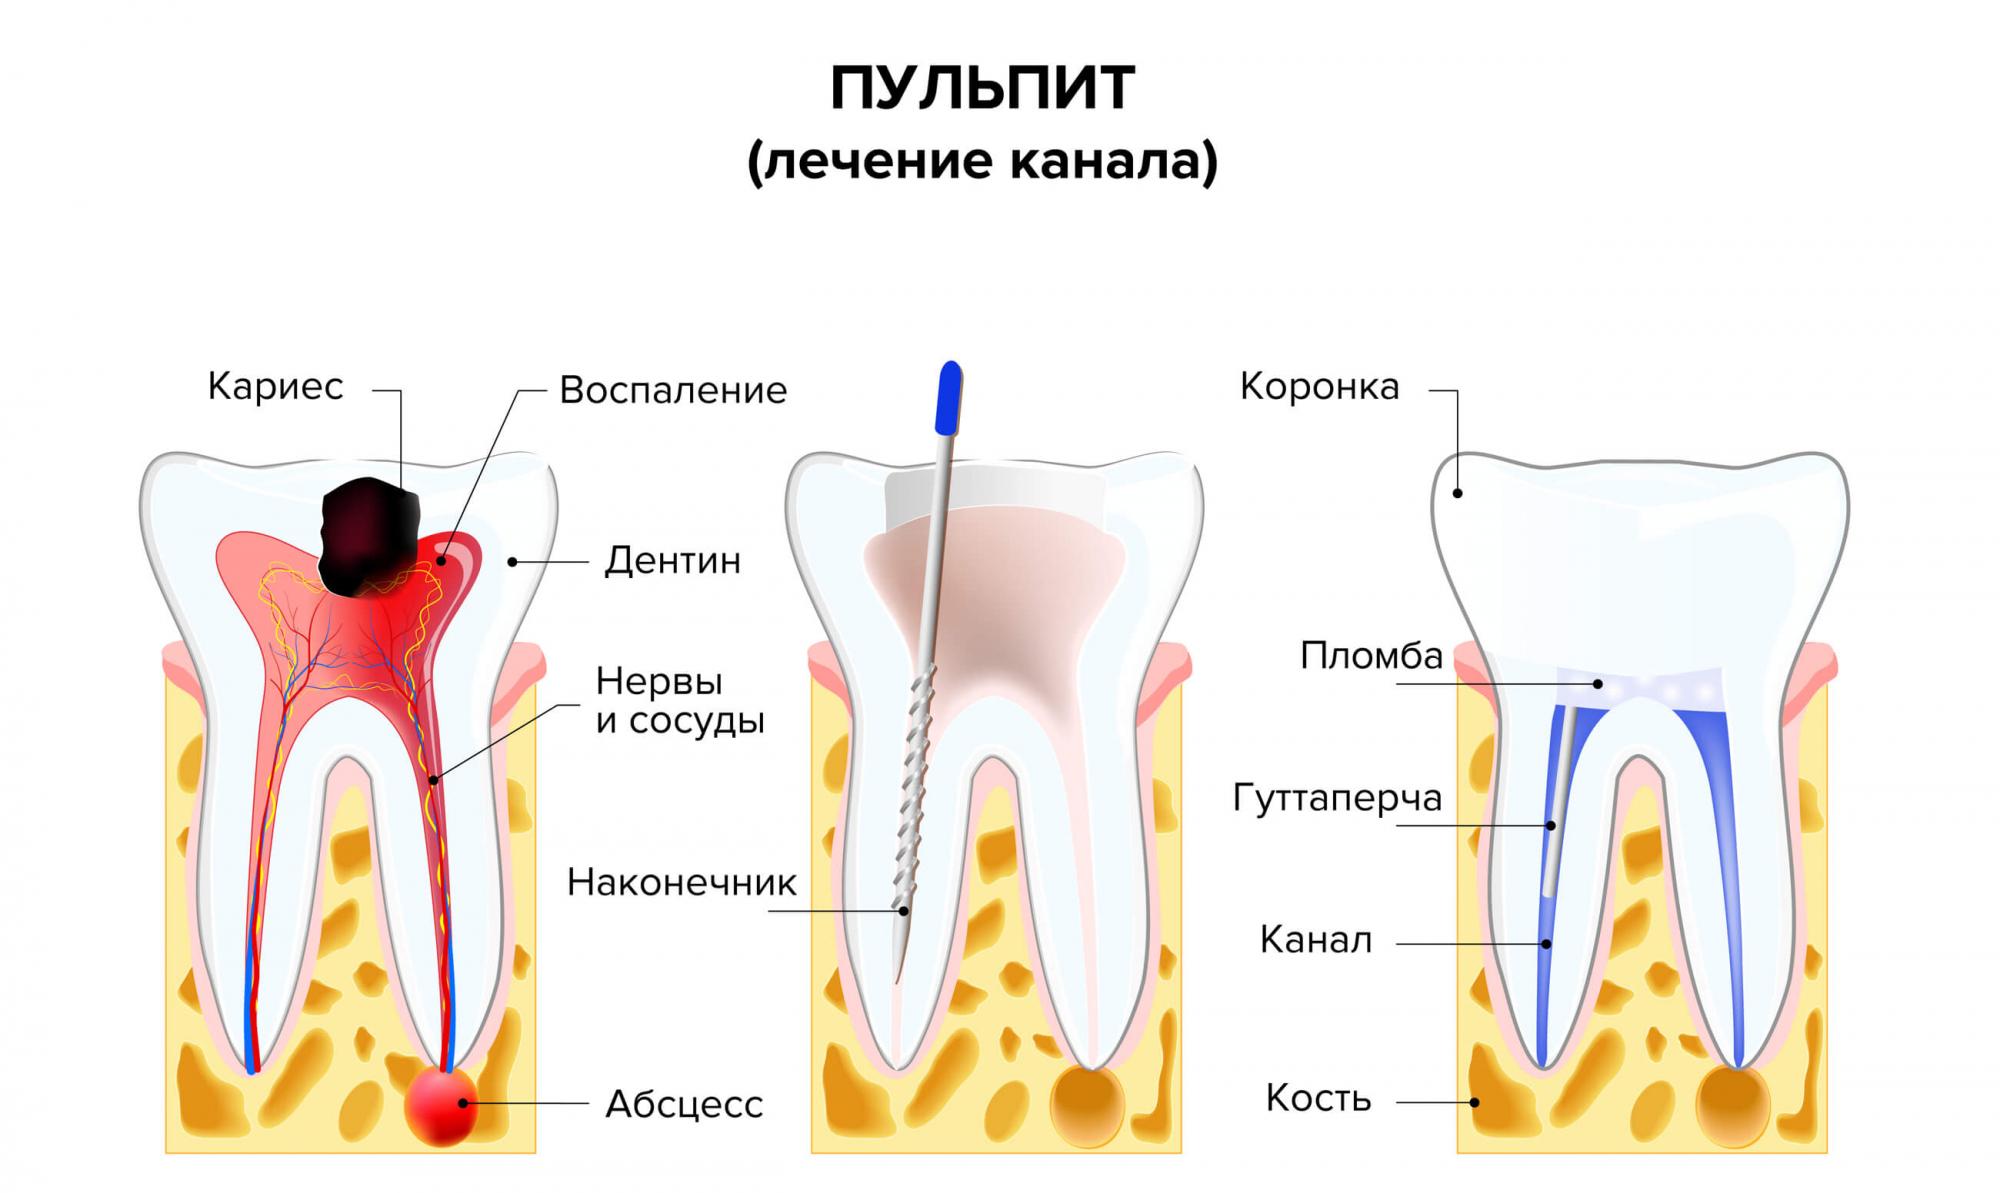 Процесс лечения пульпита в картинках